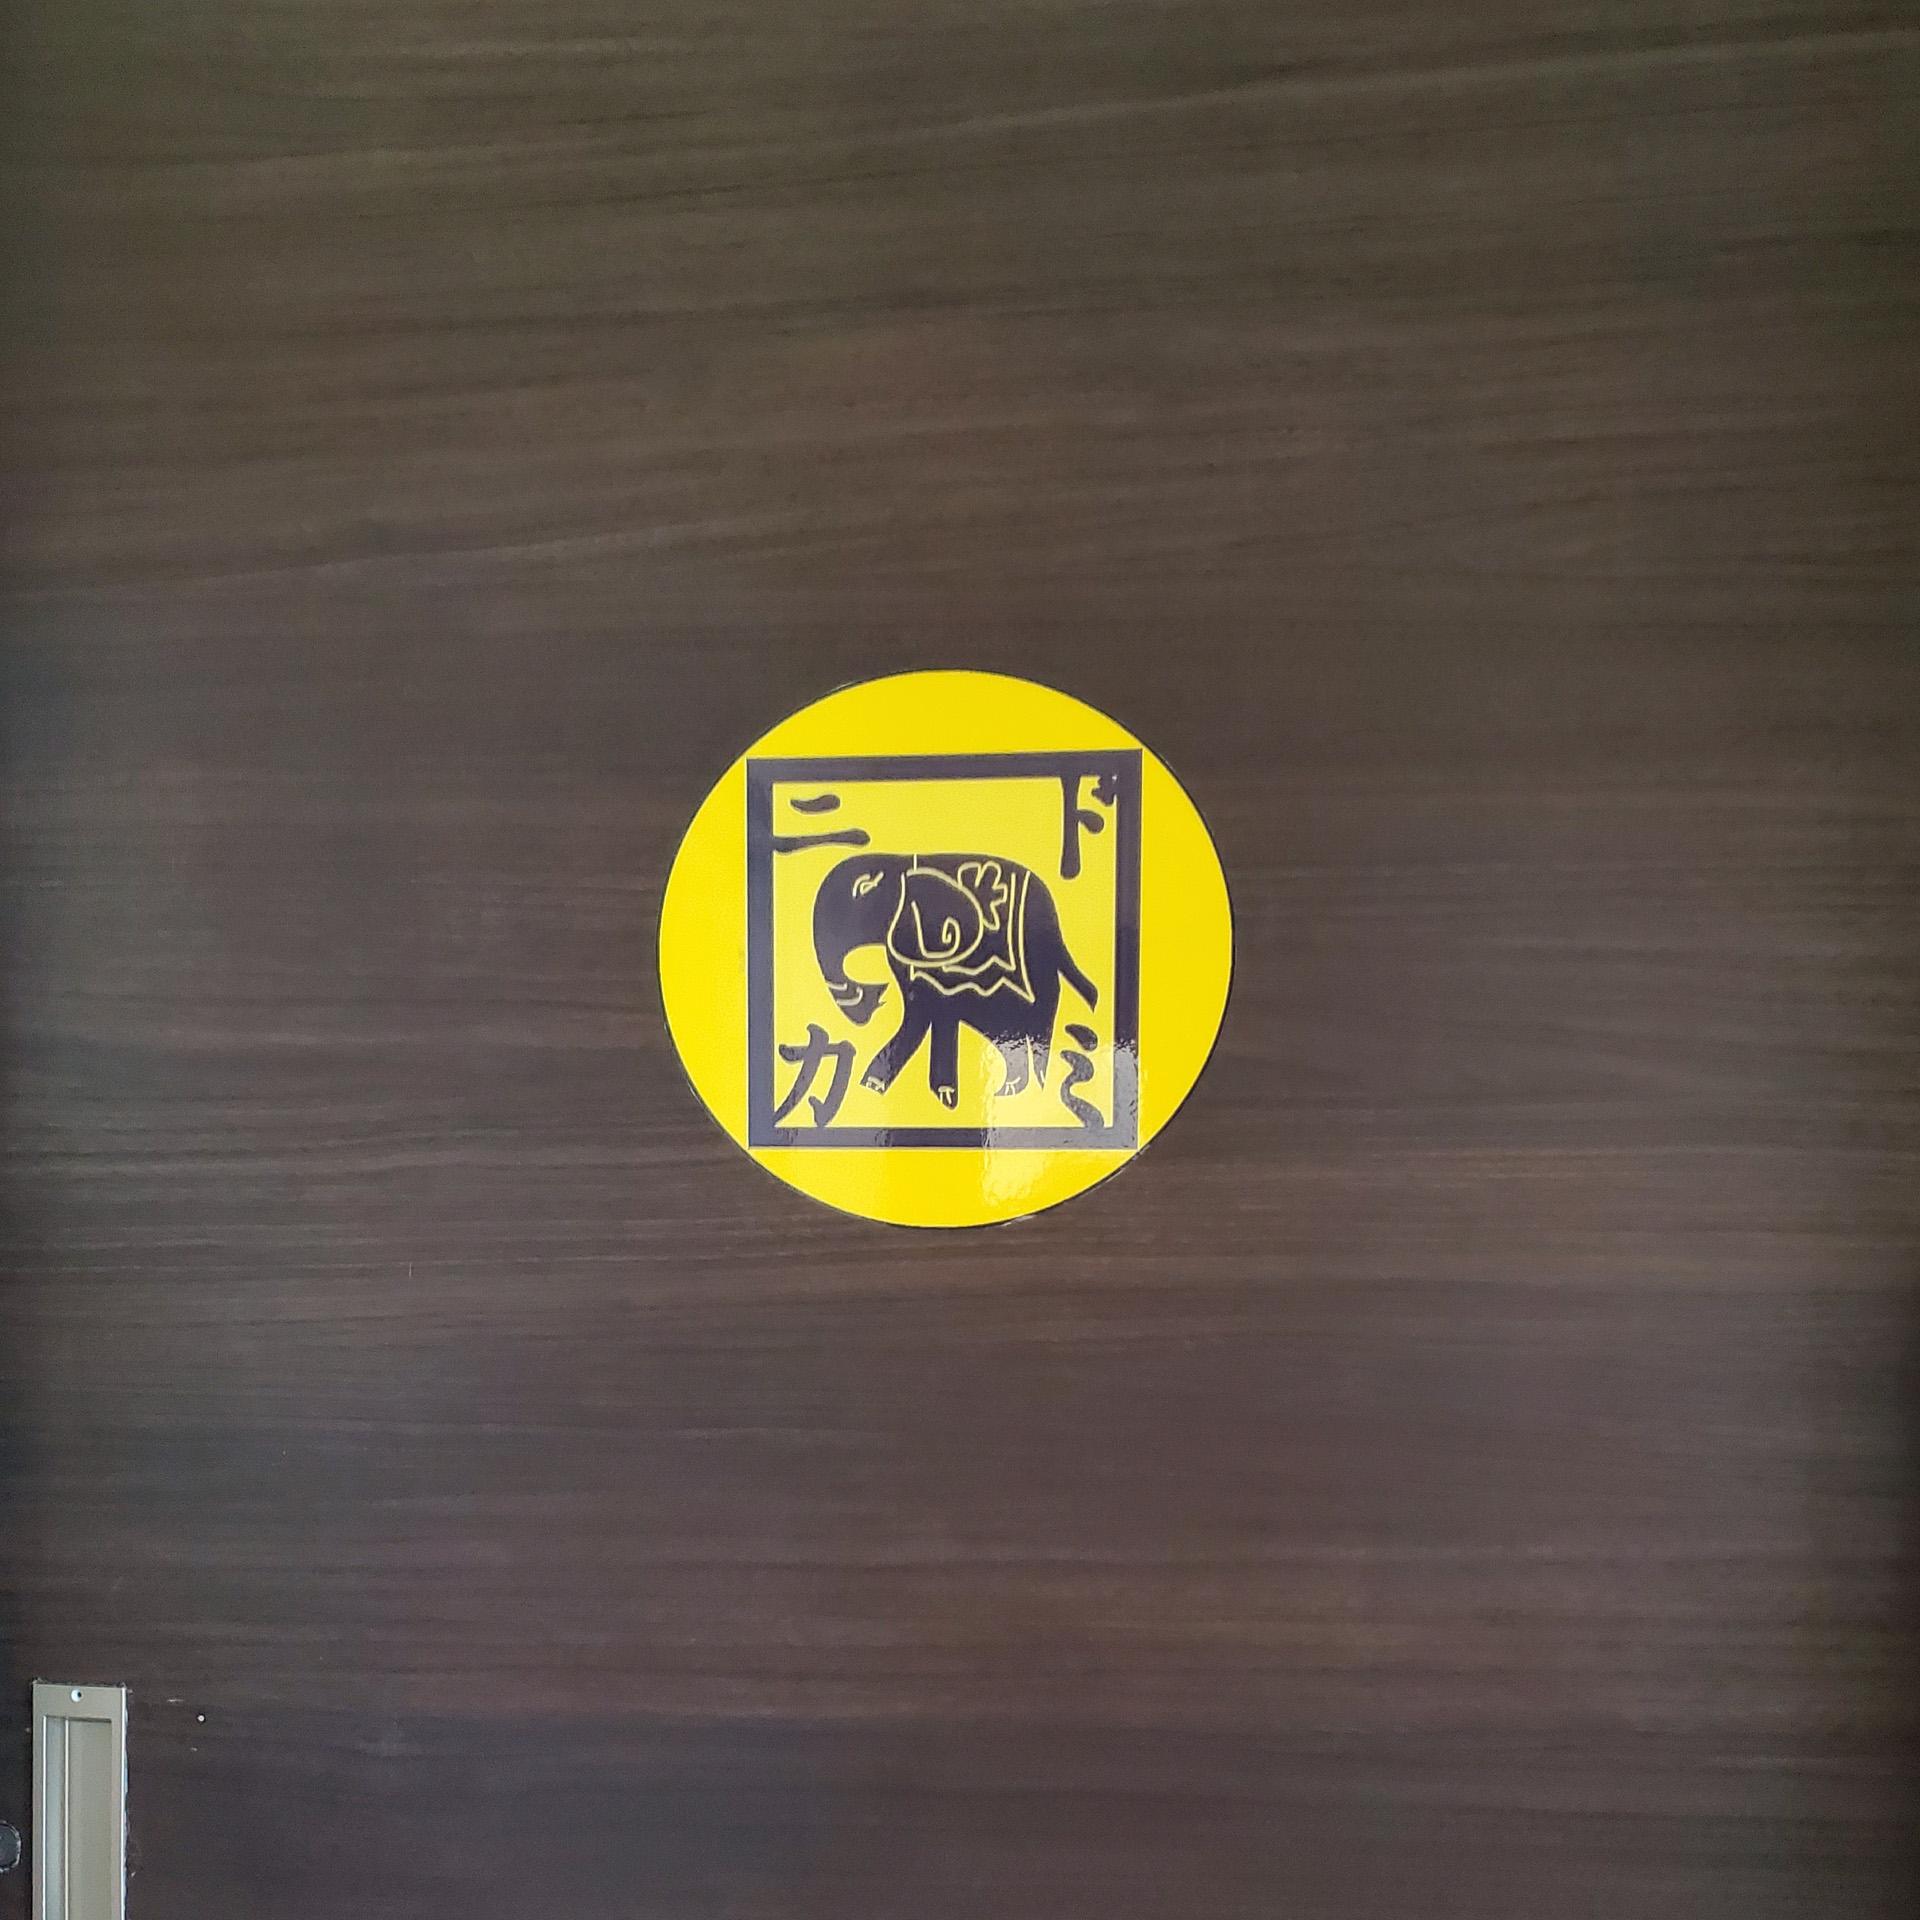 駐車場があるので便利!いつの間にかオープンしてた支店でスープカレー「元祖札幌ドミニカ 円山店」 1